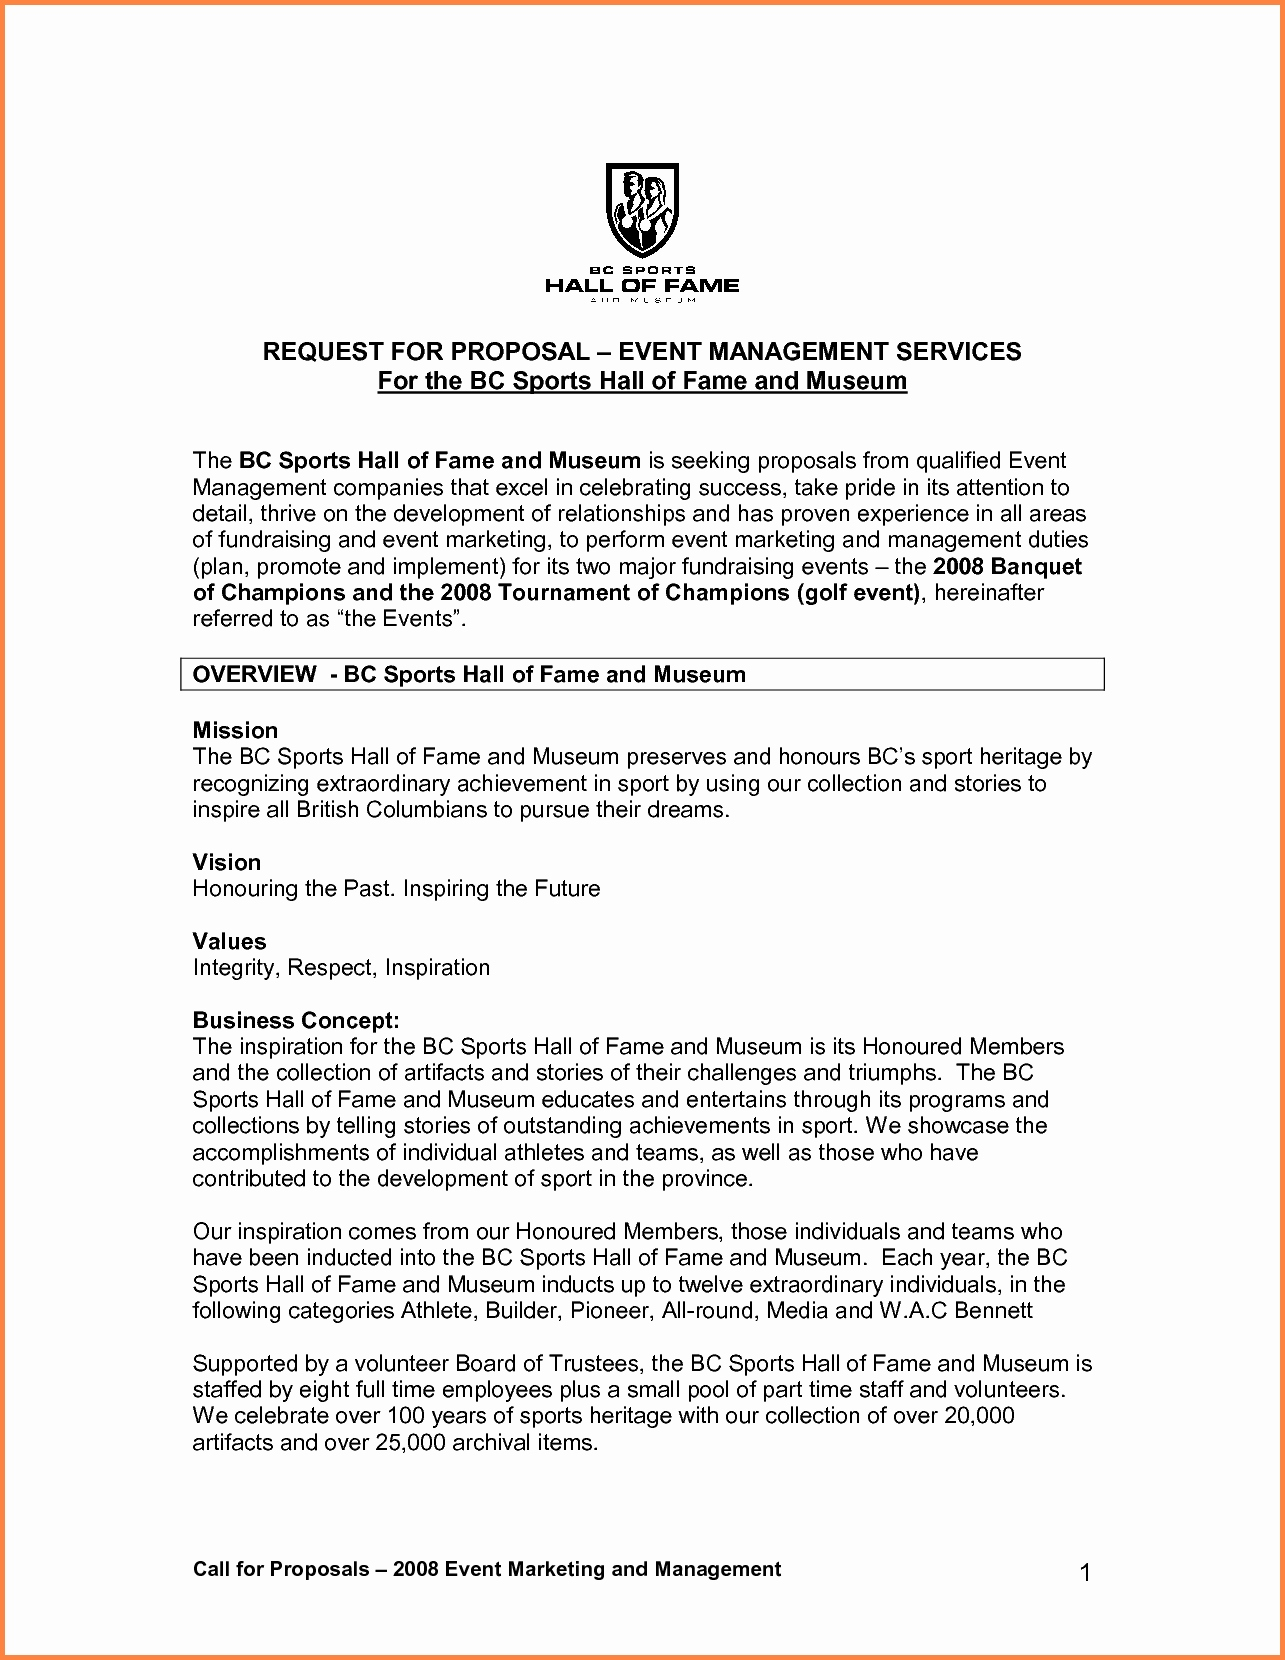 Rental Offer Letter Template - Car Rental Proposal Letter Business Sample Fer Hire format for